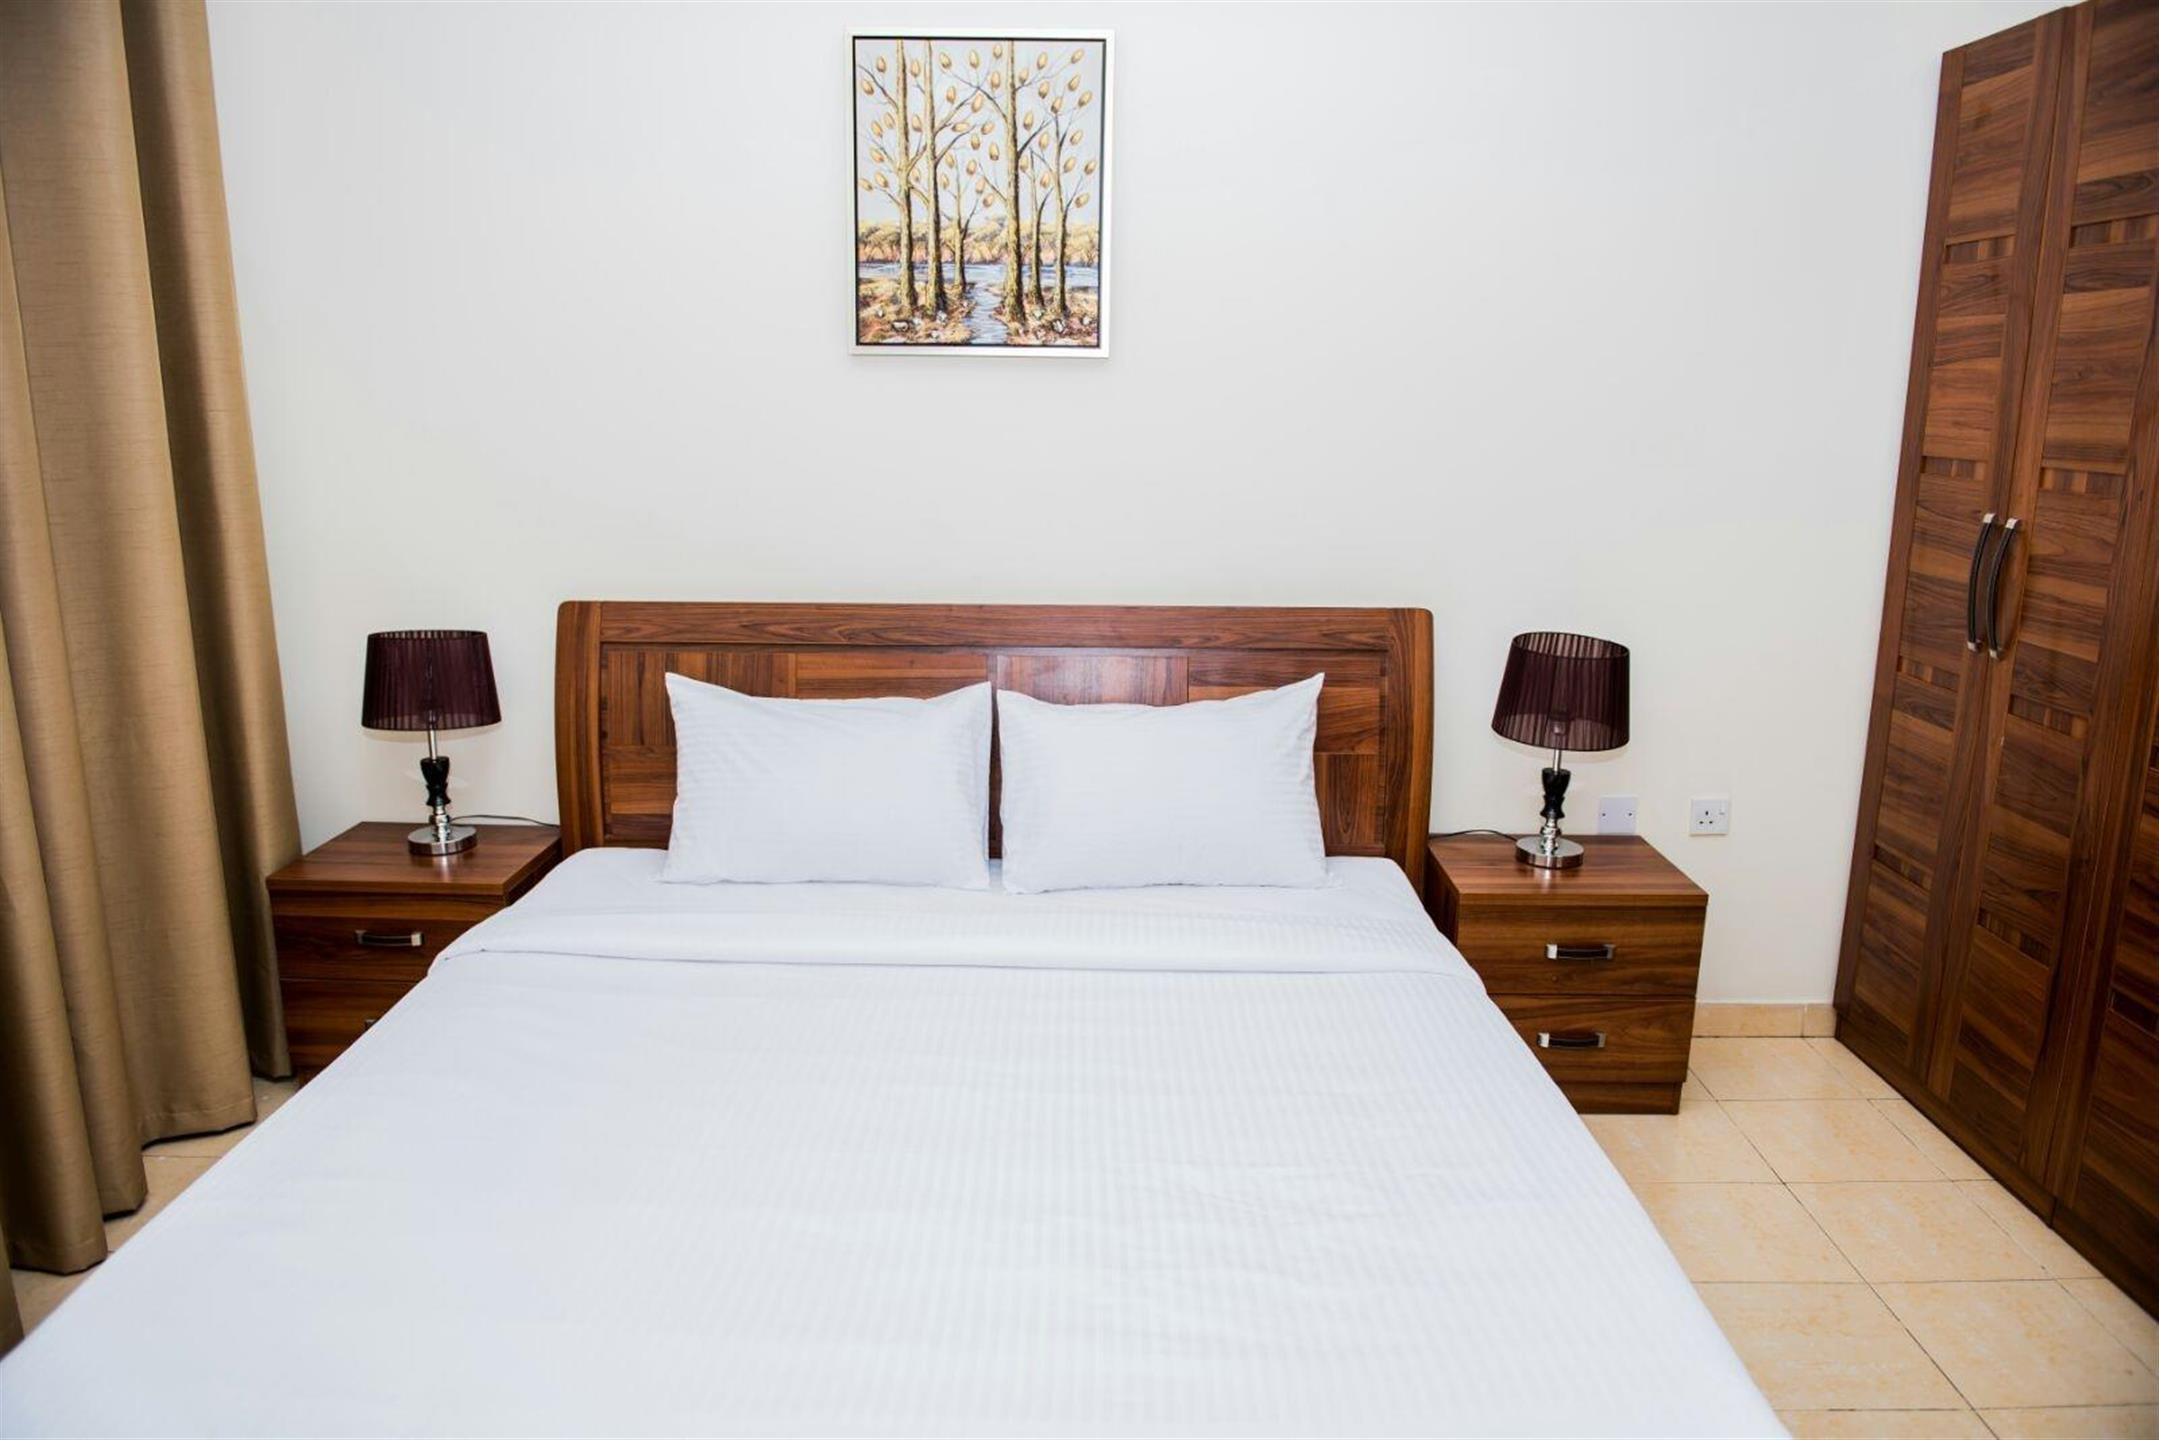 Furnished 1 Bedroom Flats for Affordable Rent